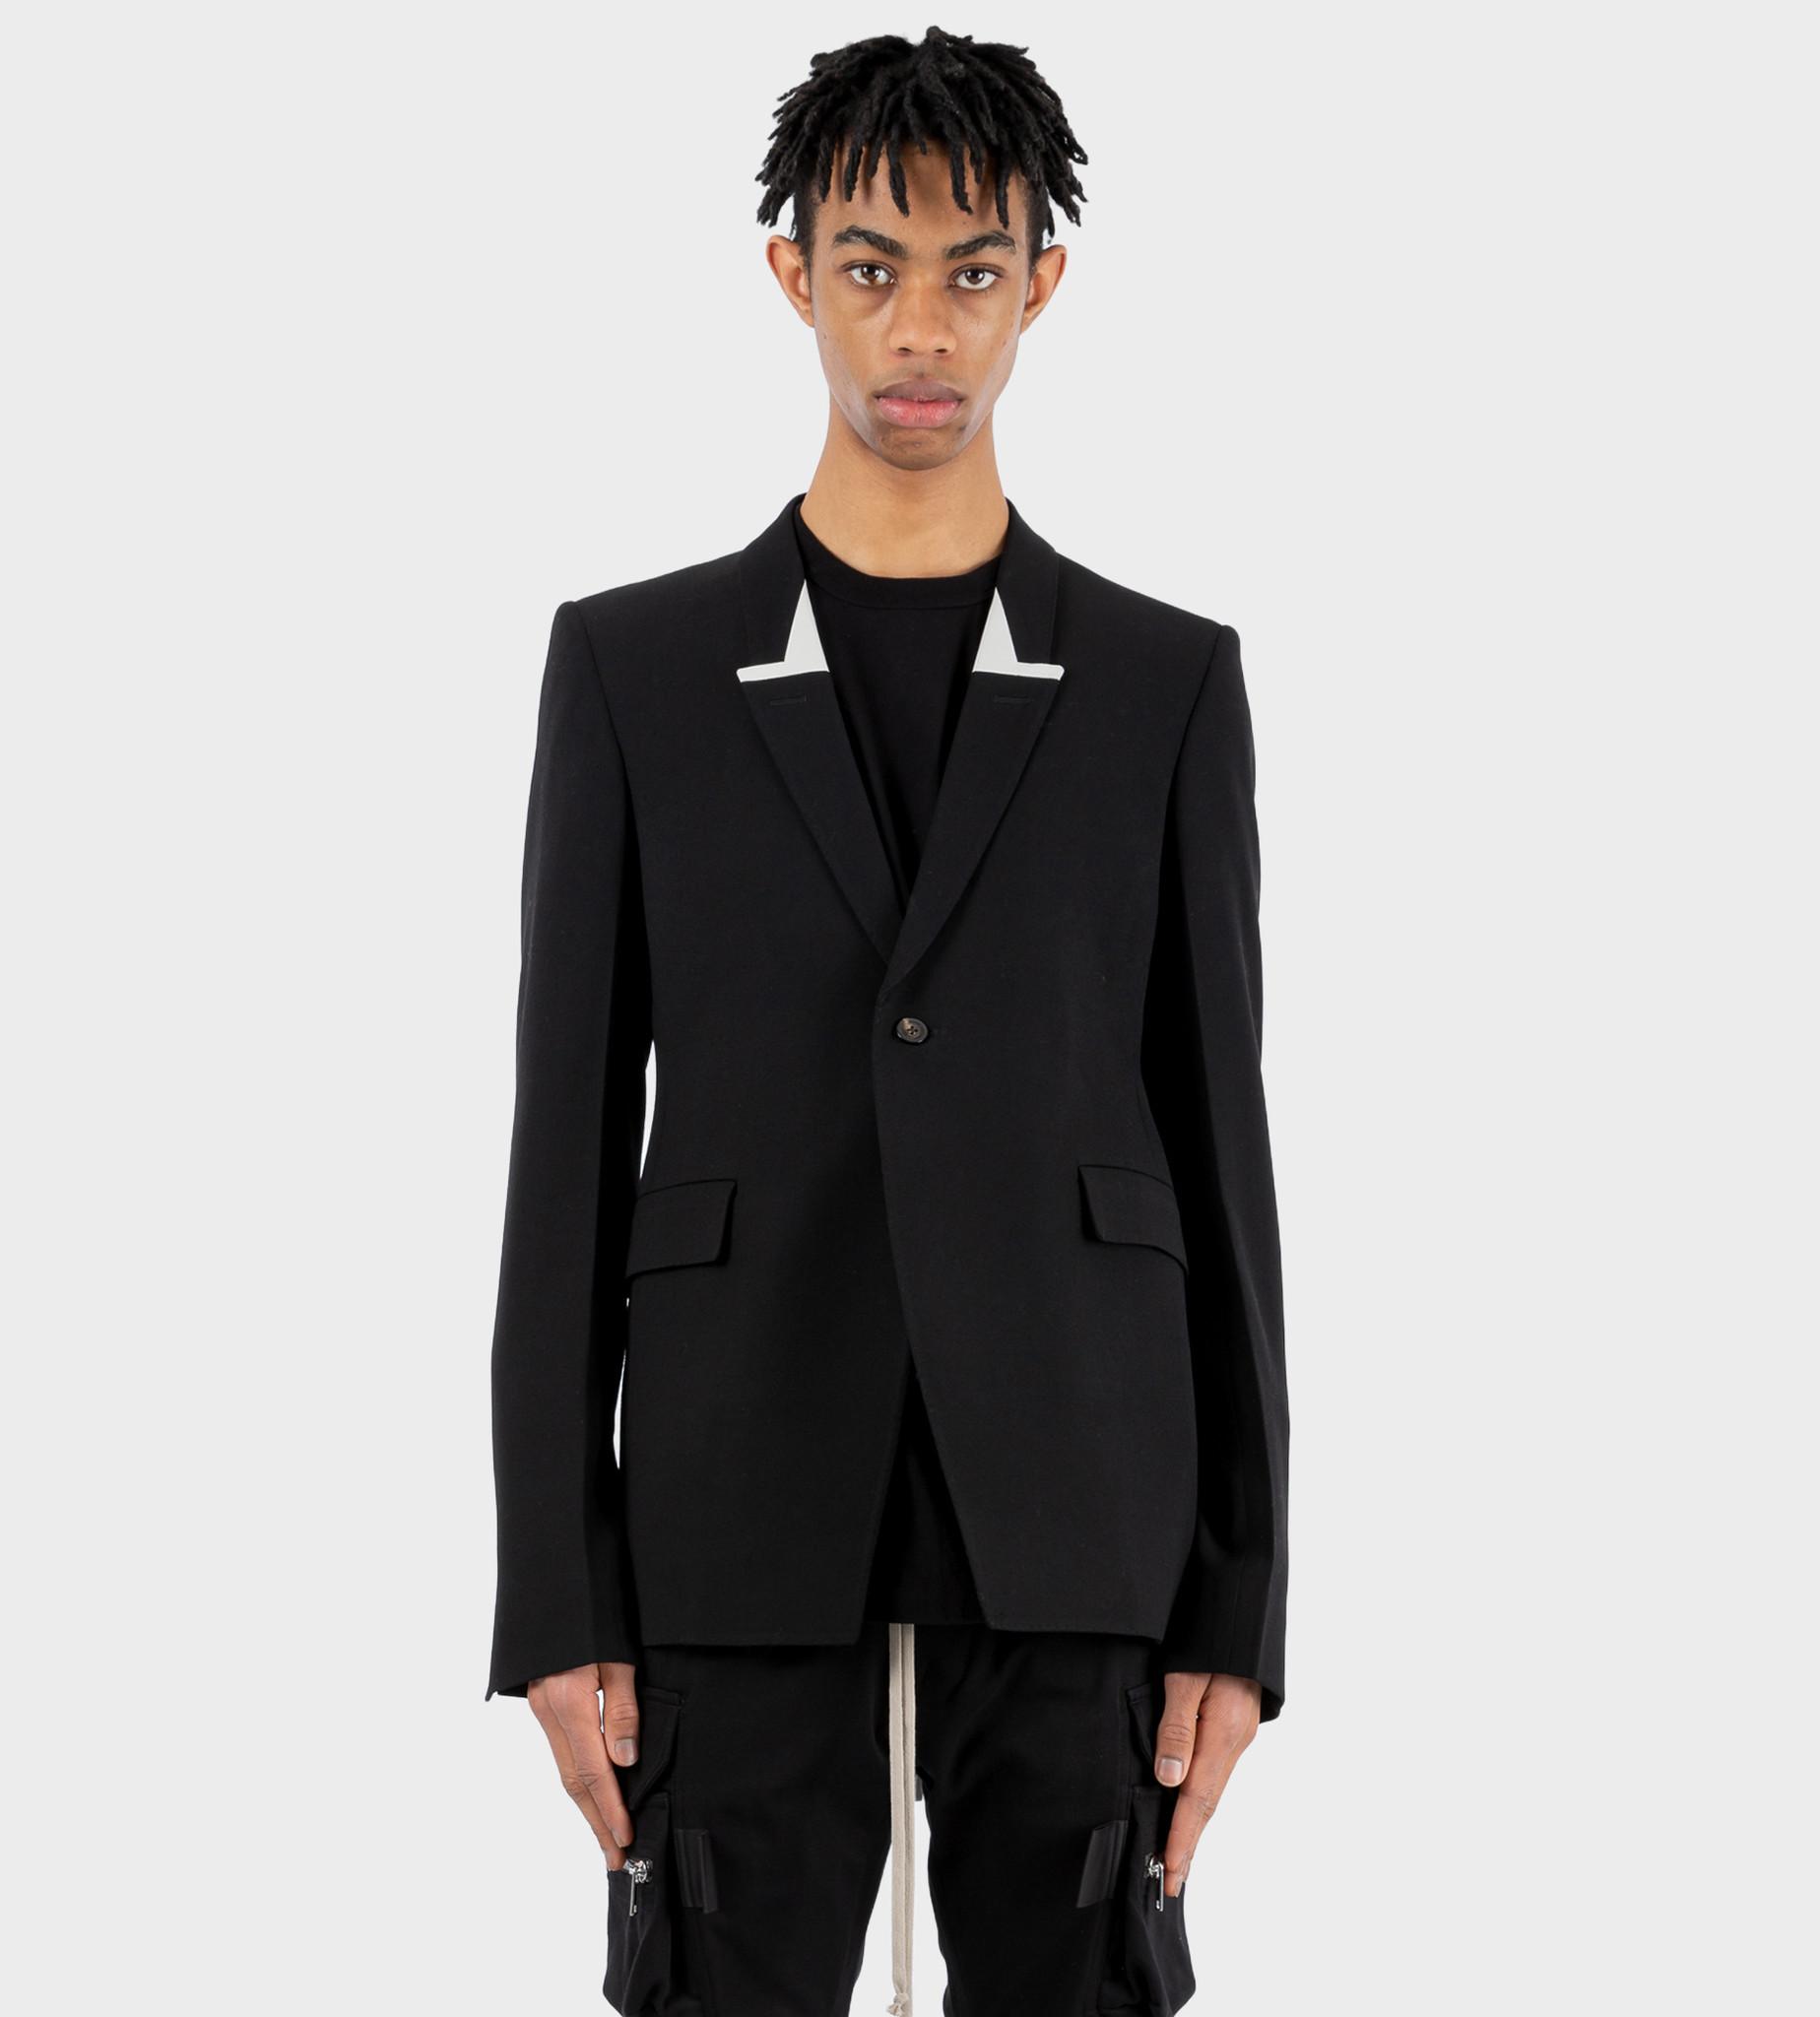 RICK OWENS Phlegethon Sharp Jacket Black